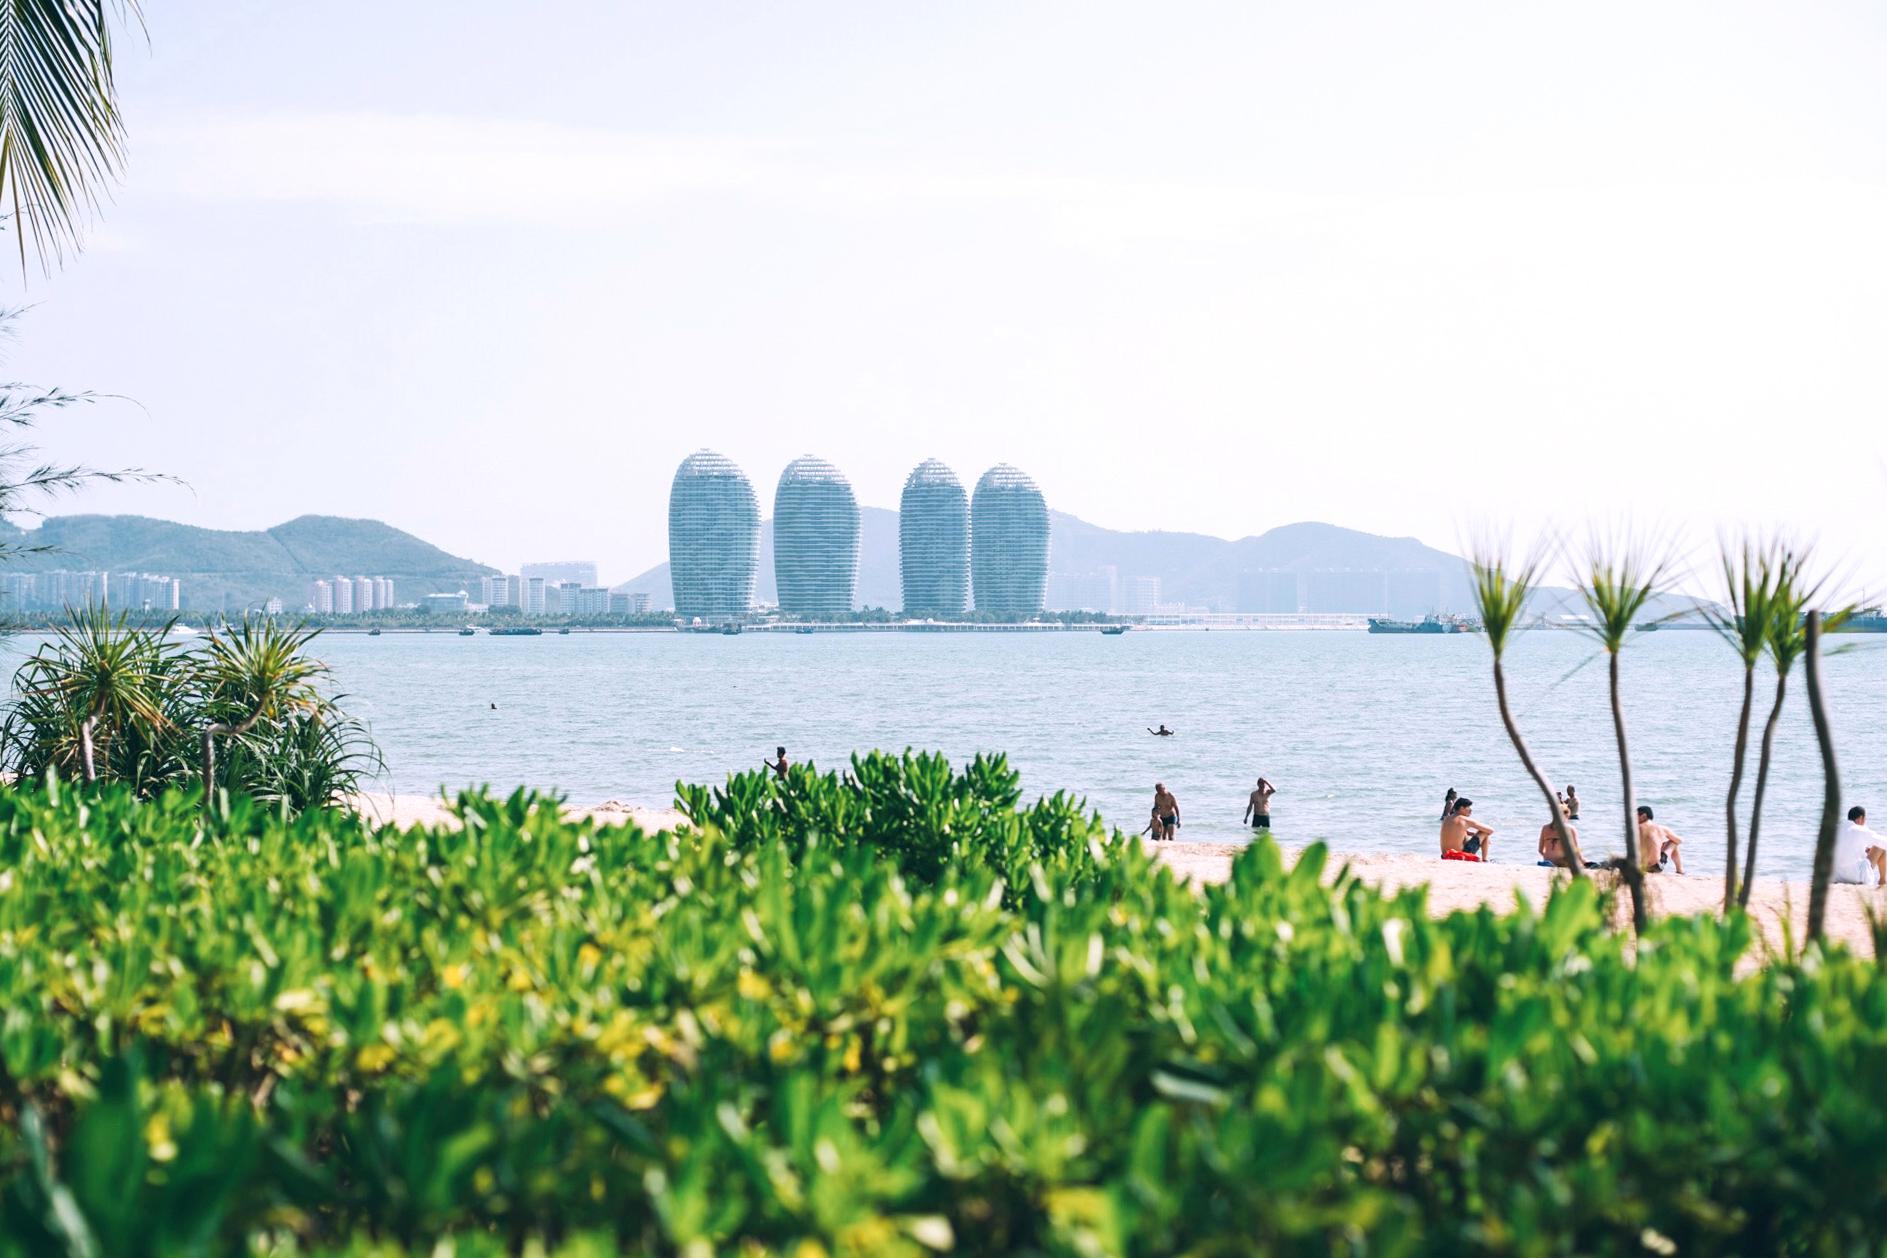 三亚首个免费4A景区,深受俄罗斯游客青睐,沙滩上随处可见比基尼